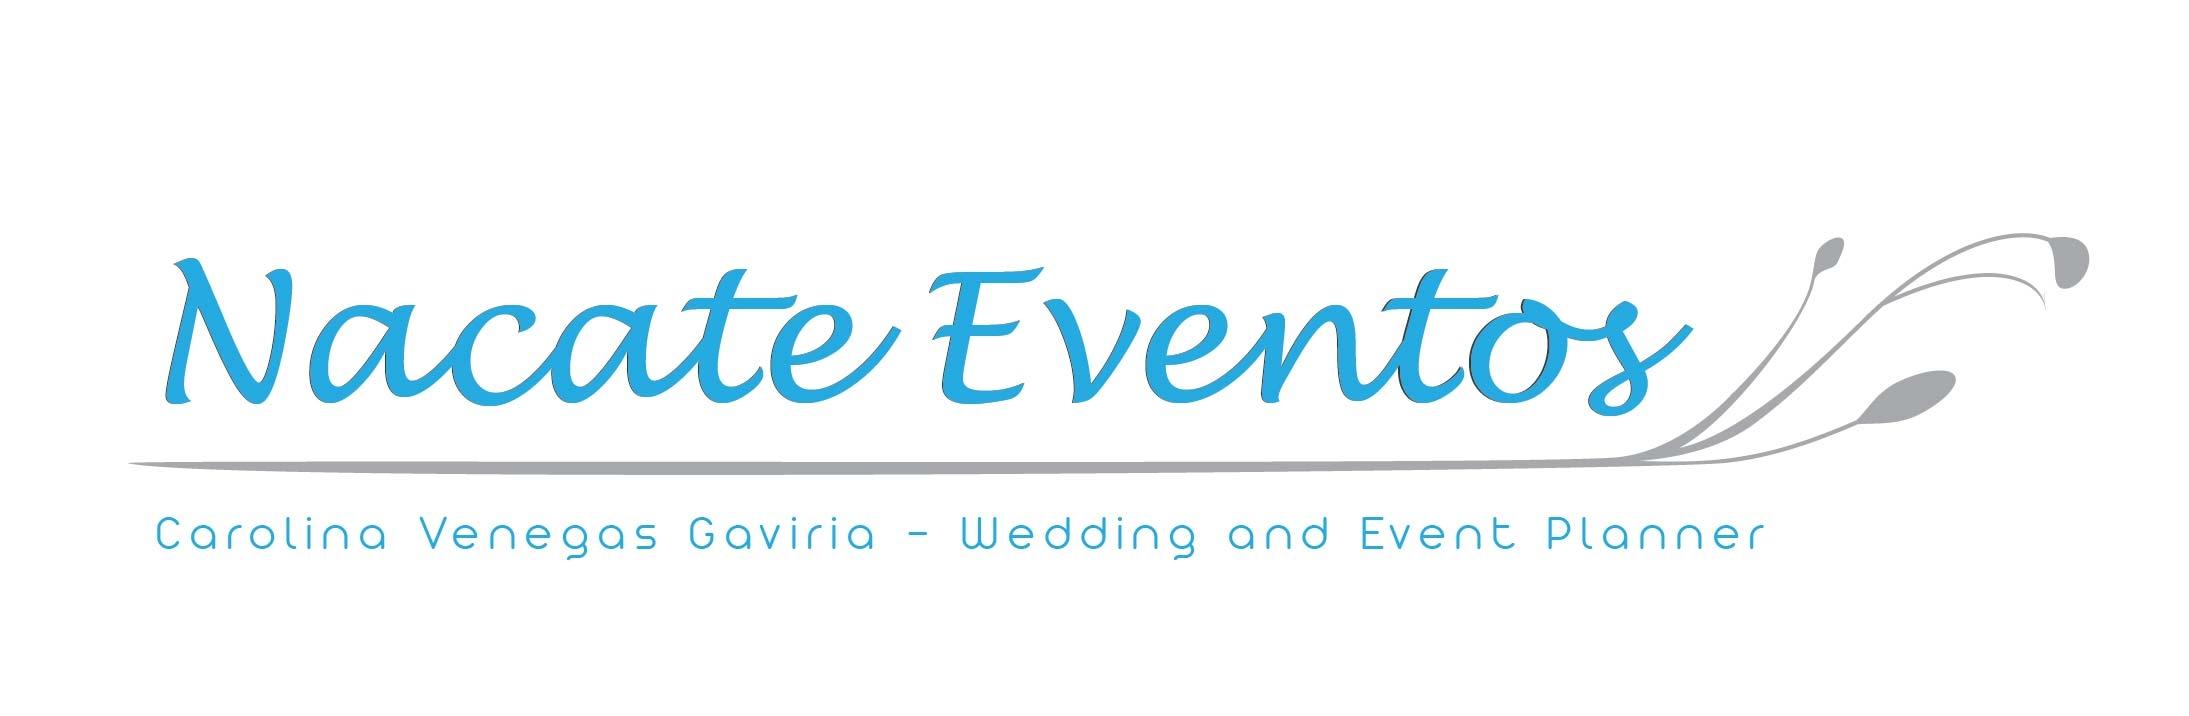 Eventos y bodas en Villa de Leyva